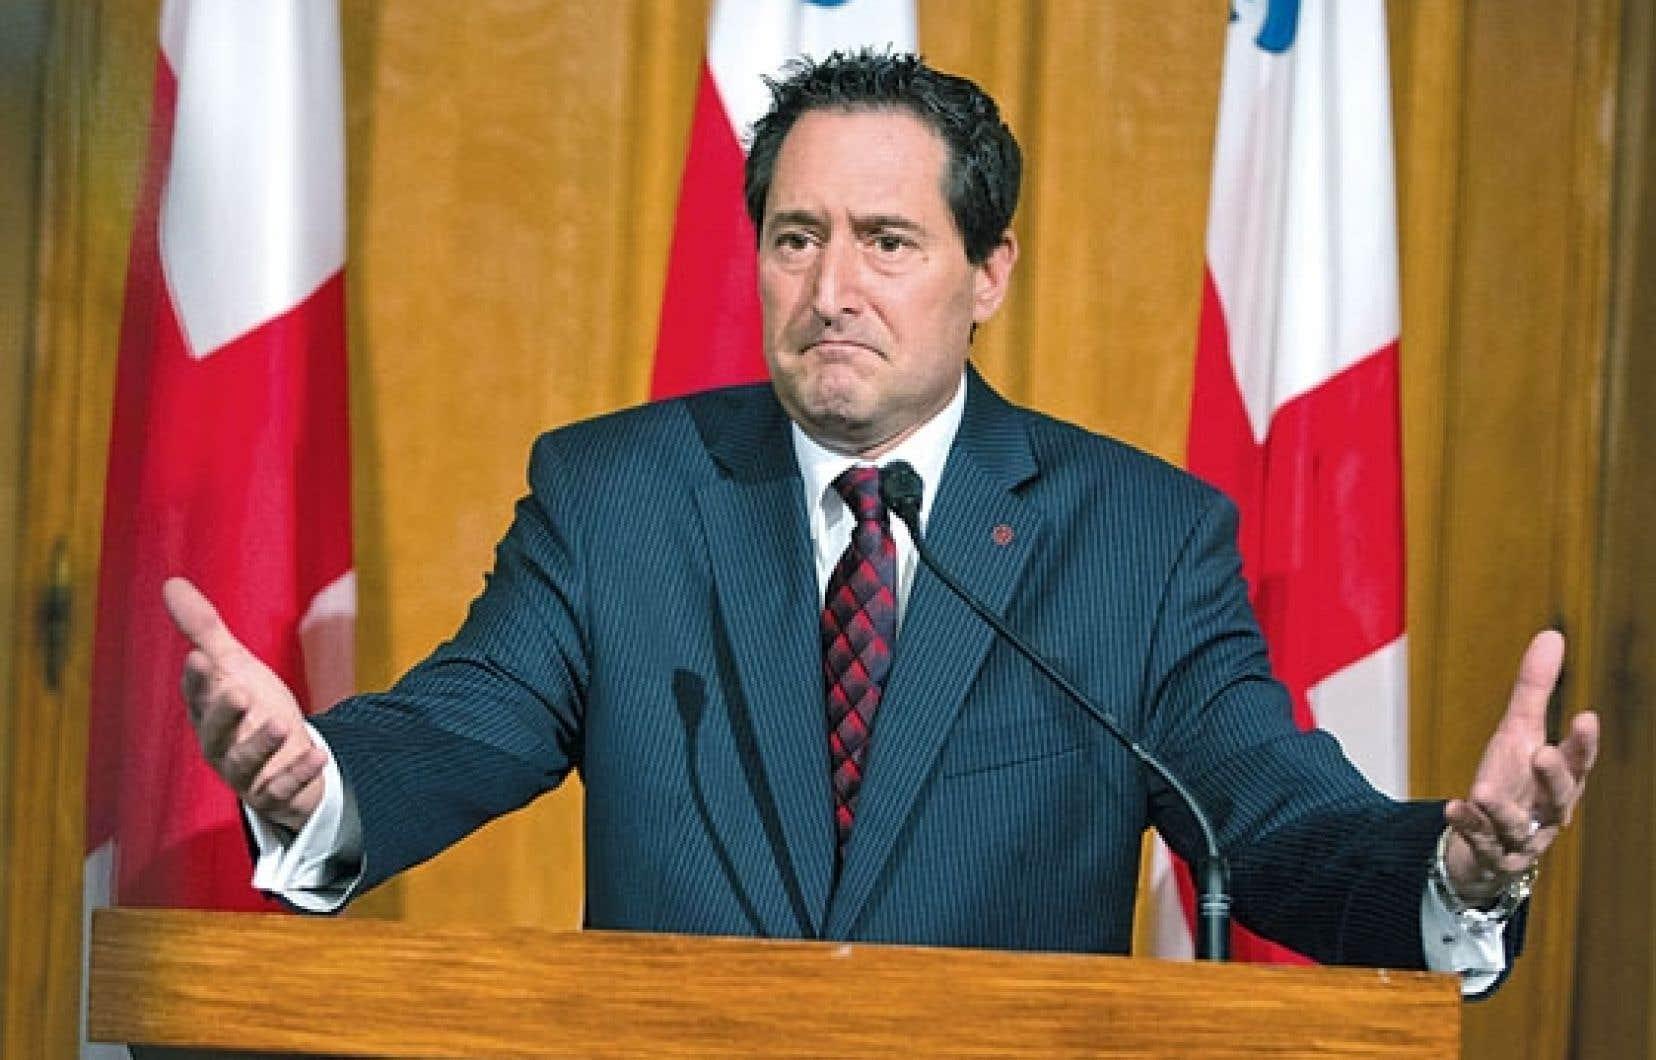 Le maire de Montréal, Michael Applebaum, a de nouveau défendu son intégrité mardi matin.